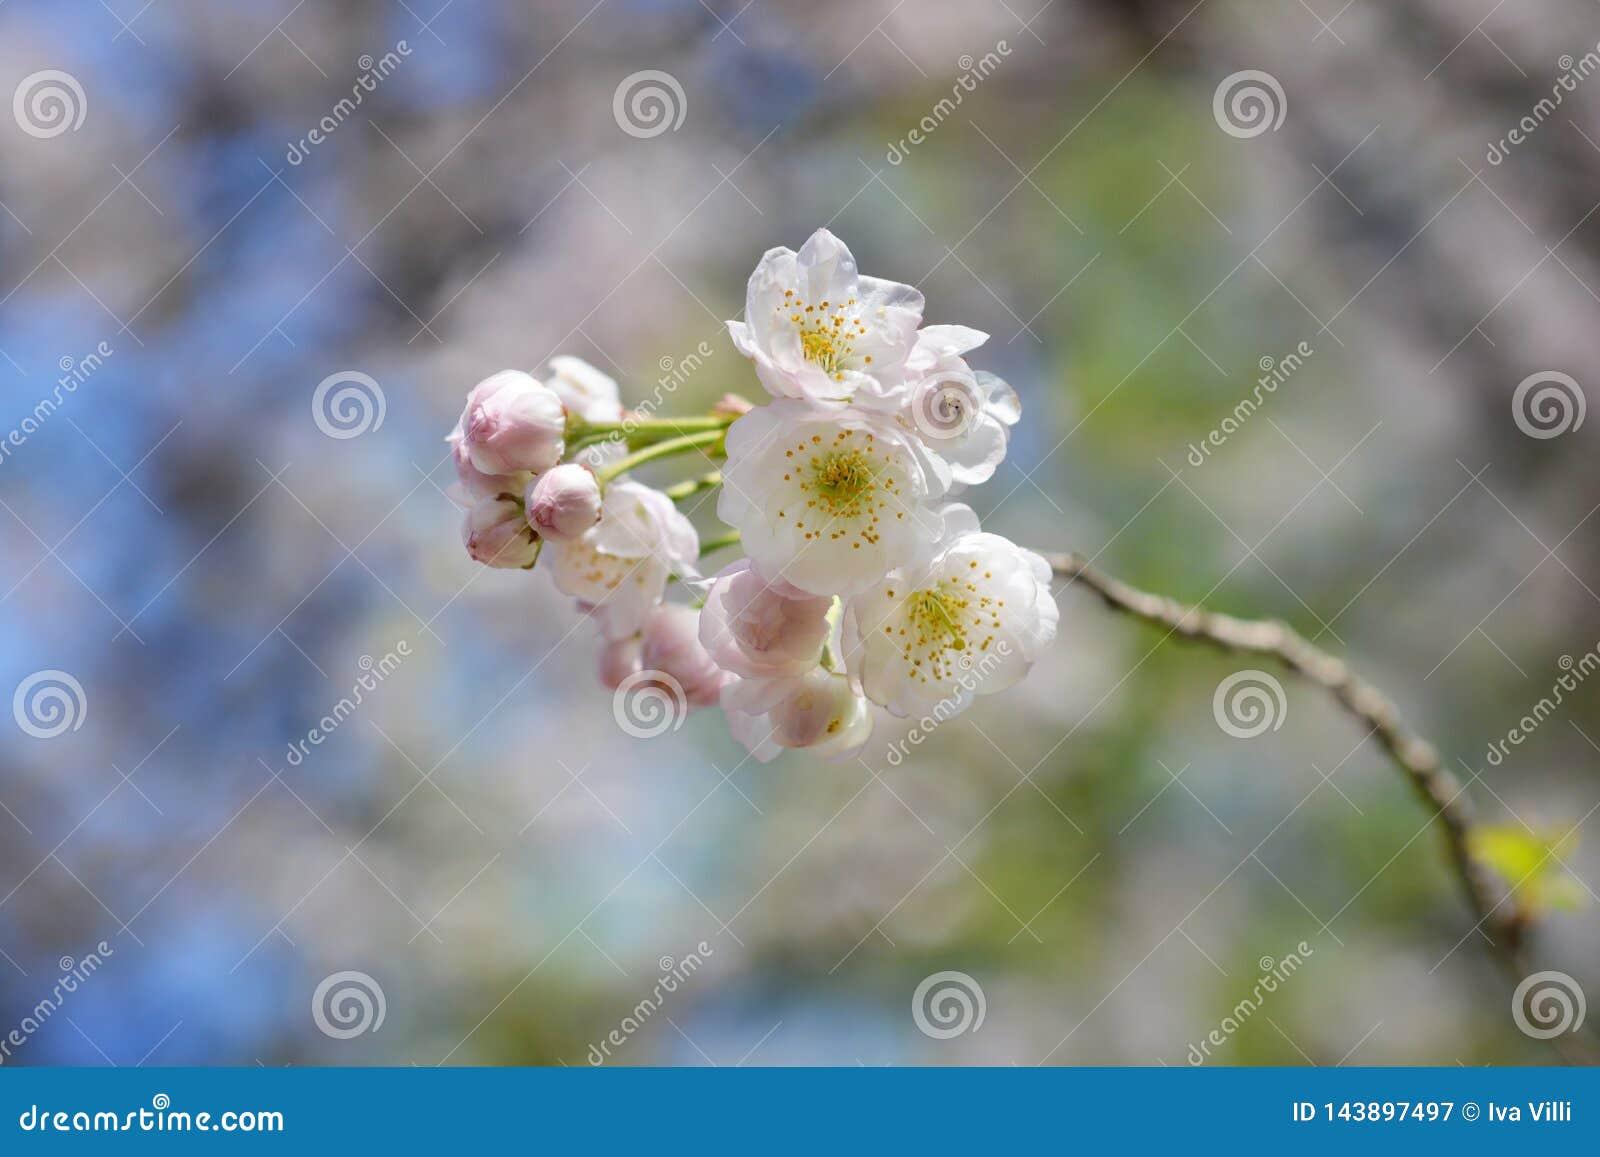 Winter-flowering kers